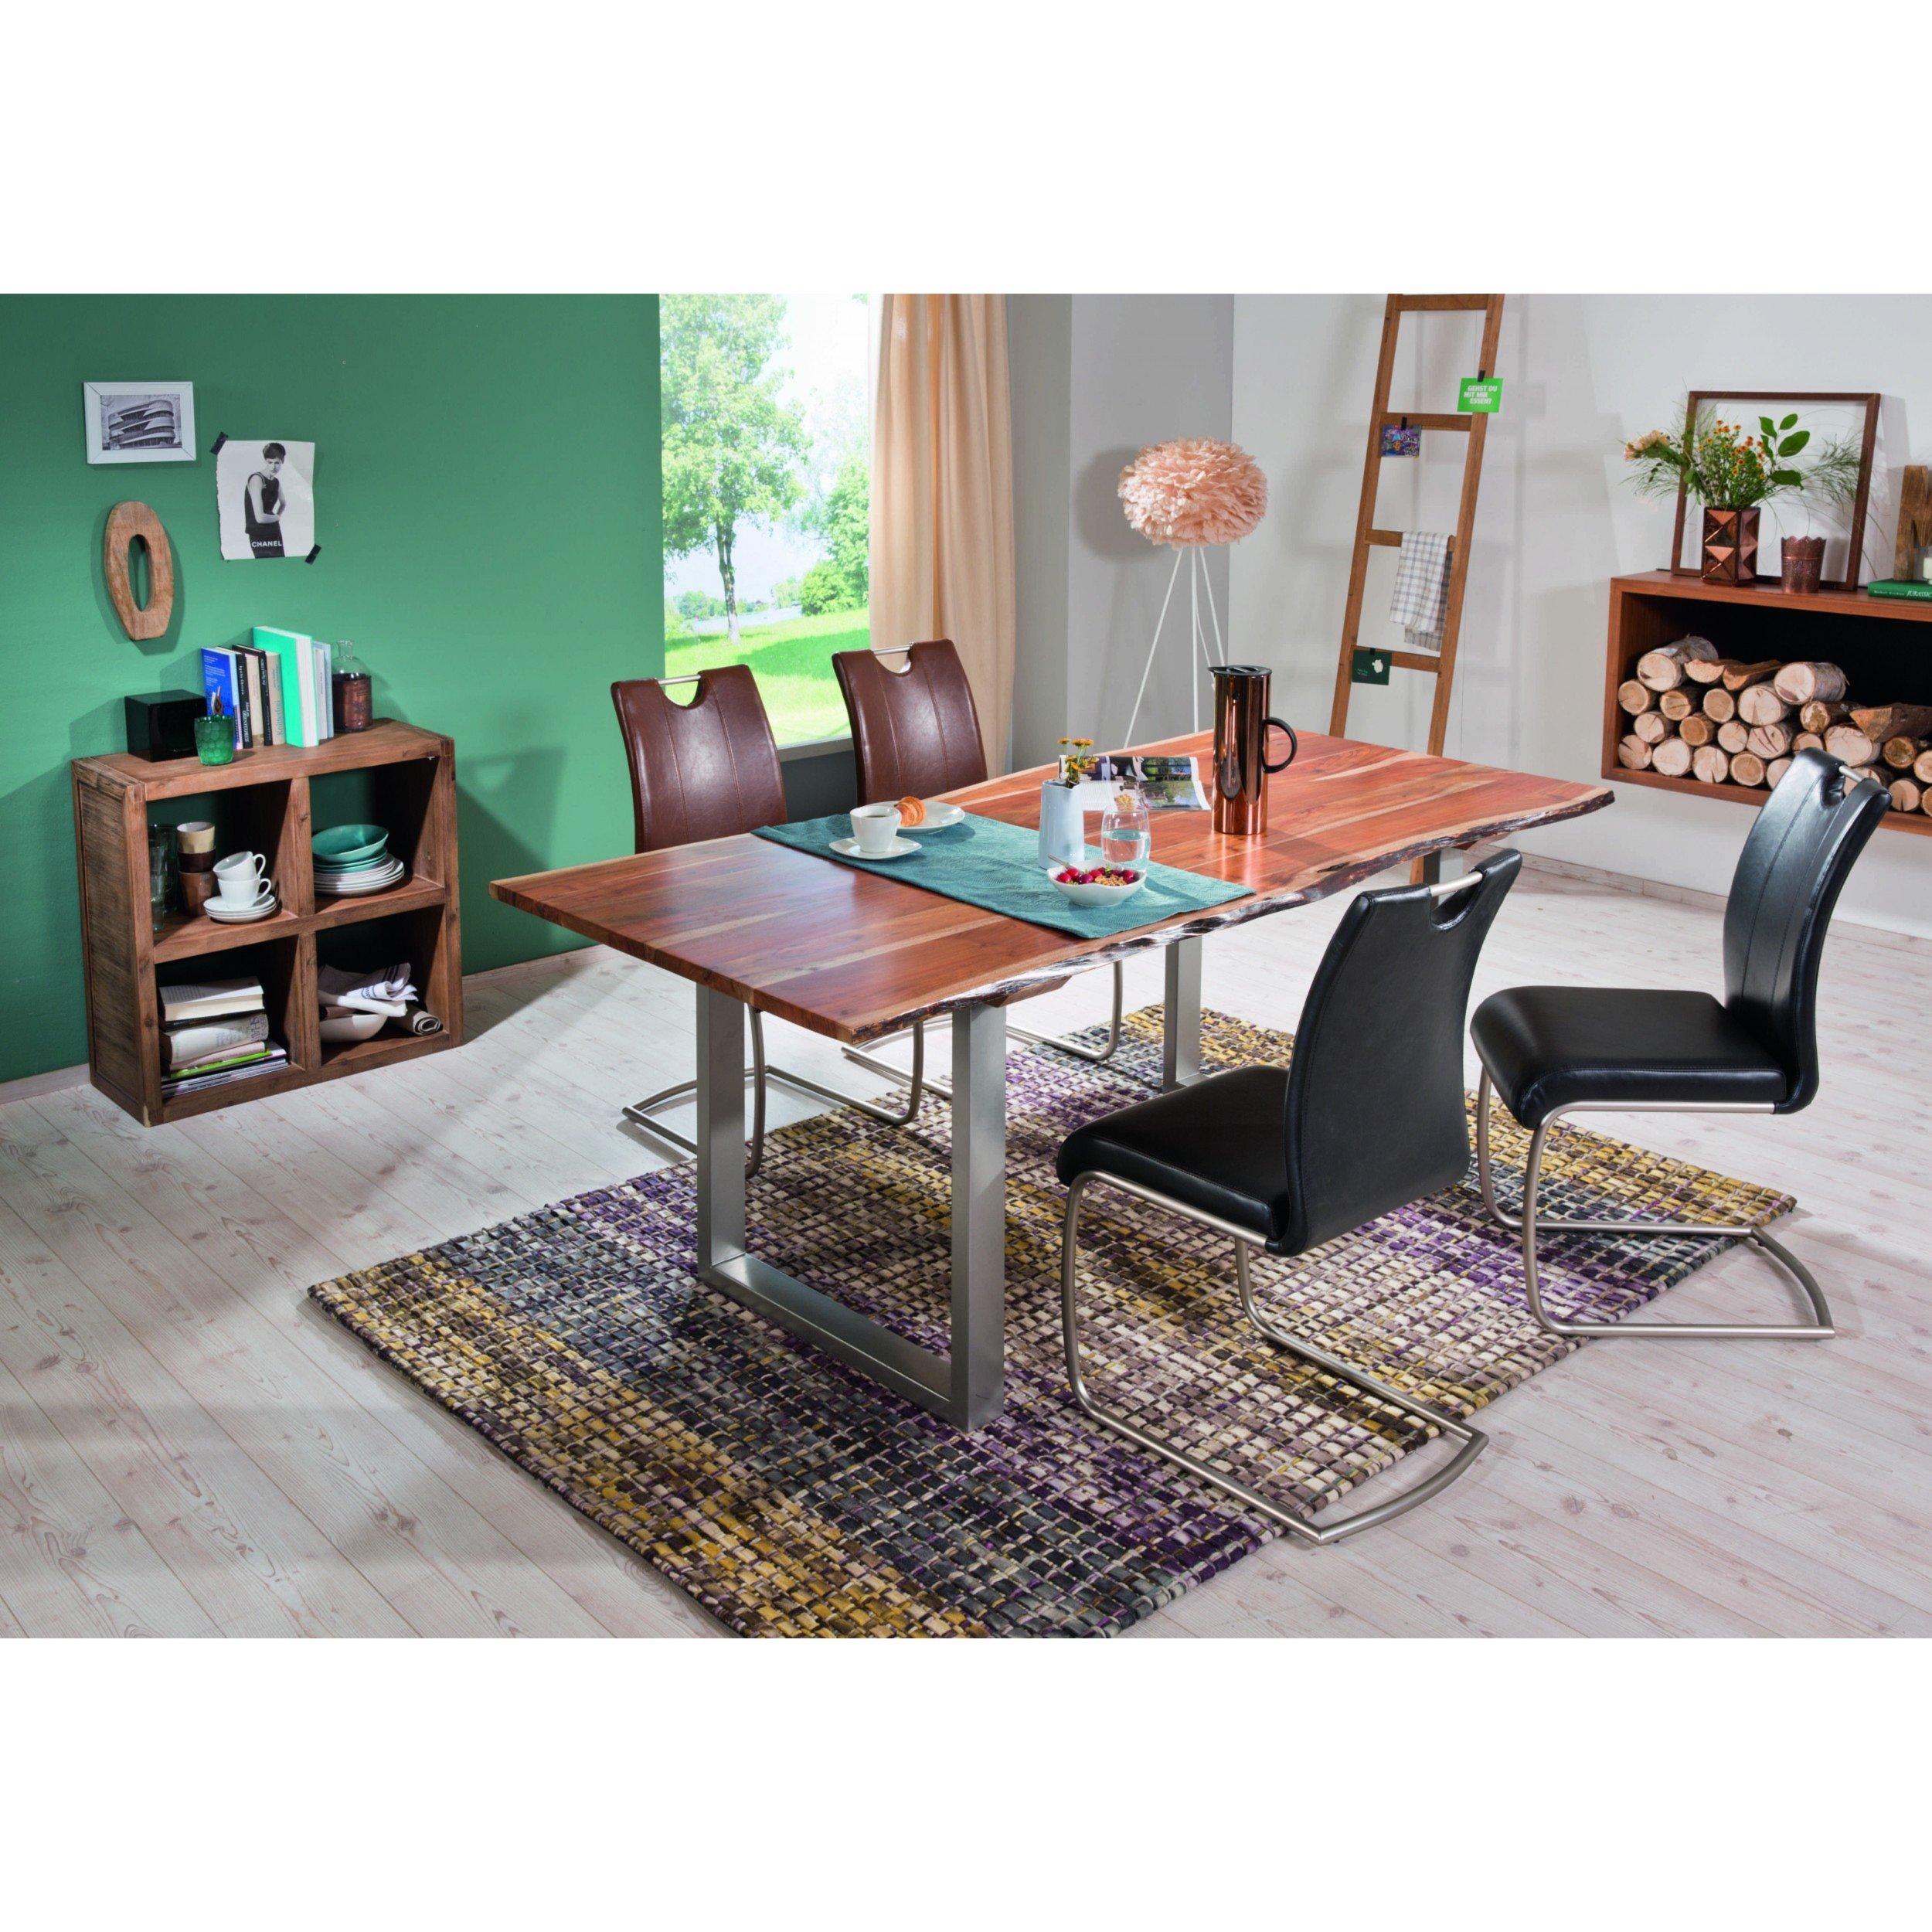 Esstisch 200 x 100 cm Tischplatte aus Akazie massiv in lackiert (bei Abholung 199€)